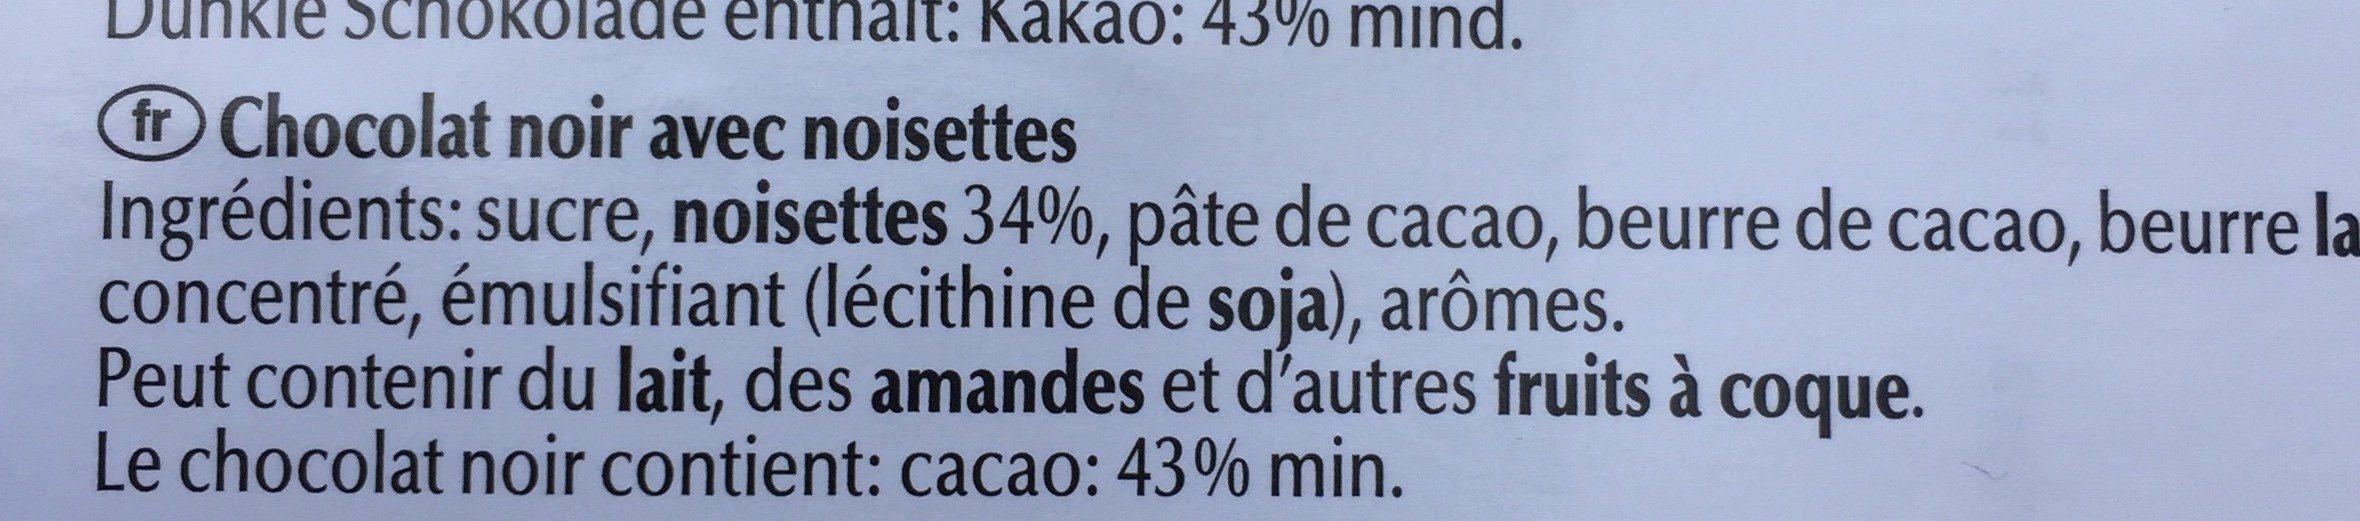 Les grandes noir 34% noisettes - Ingrédients - fr